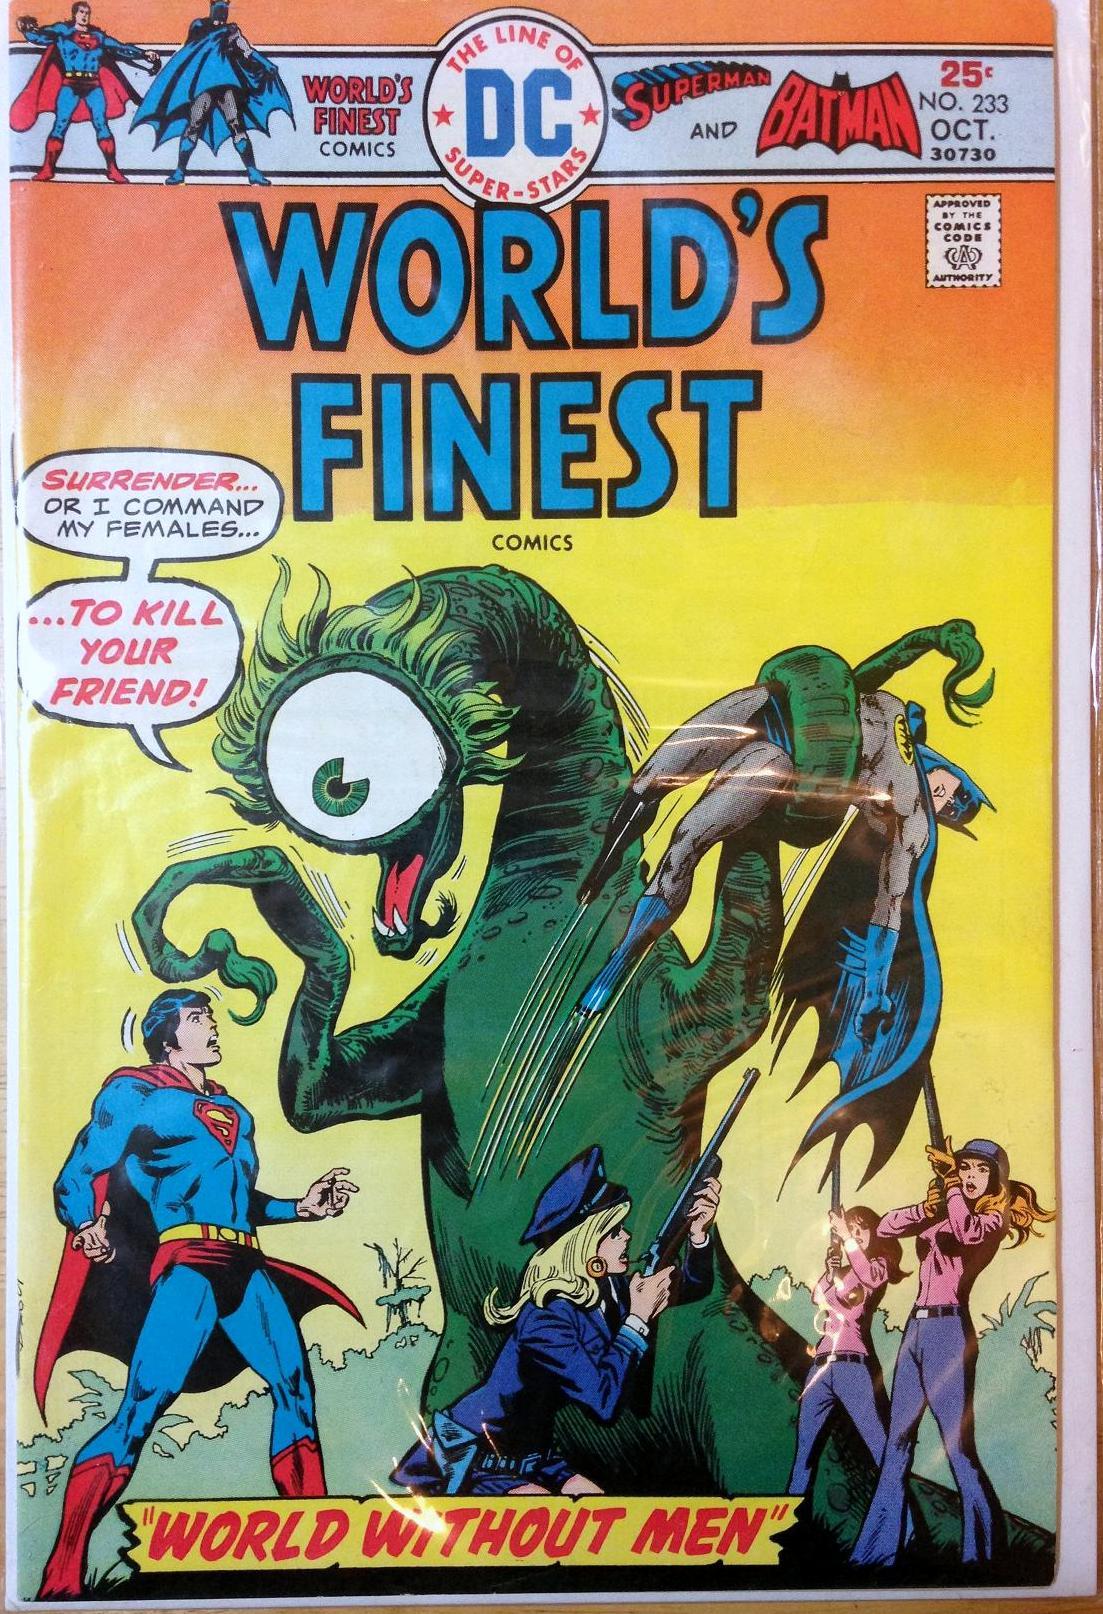 worlds finest 233- (2)